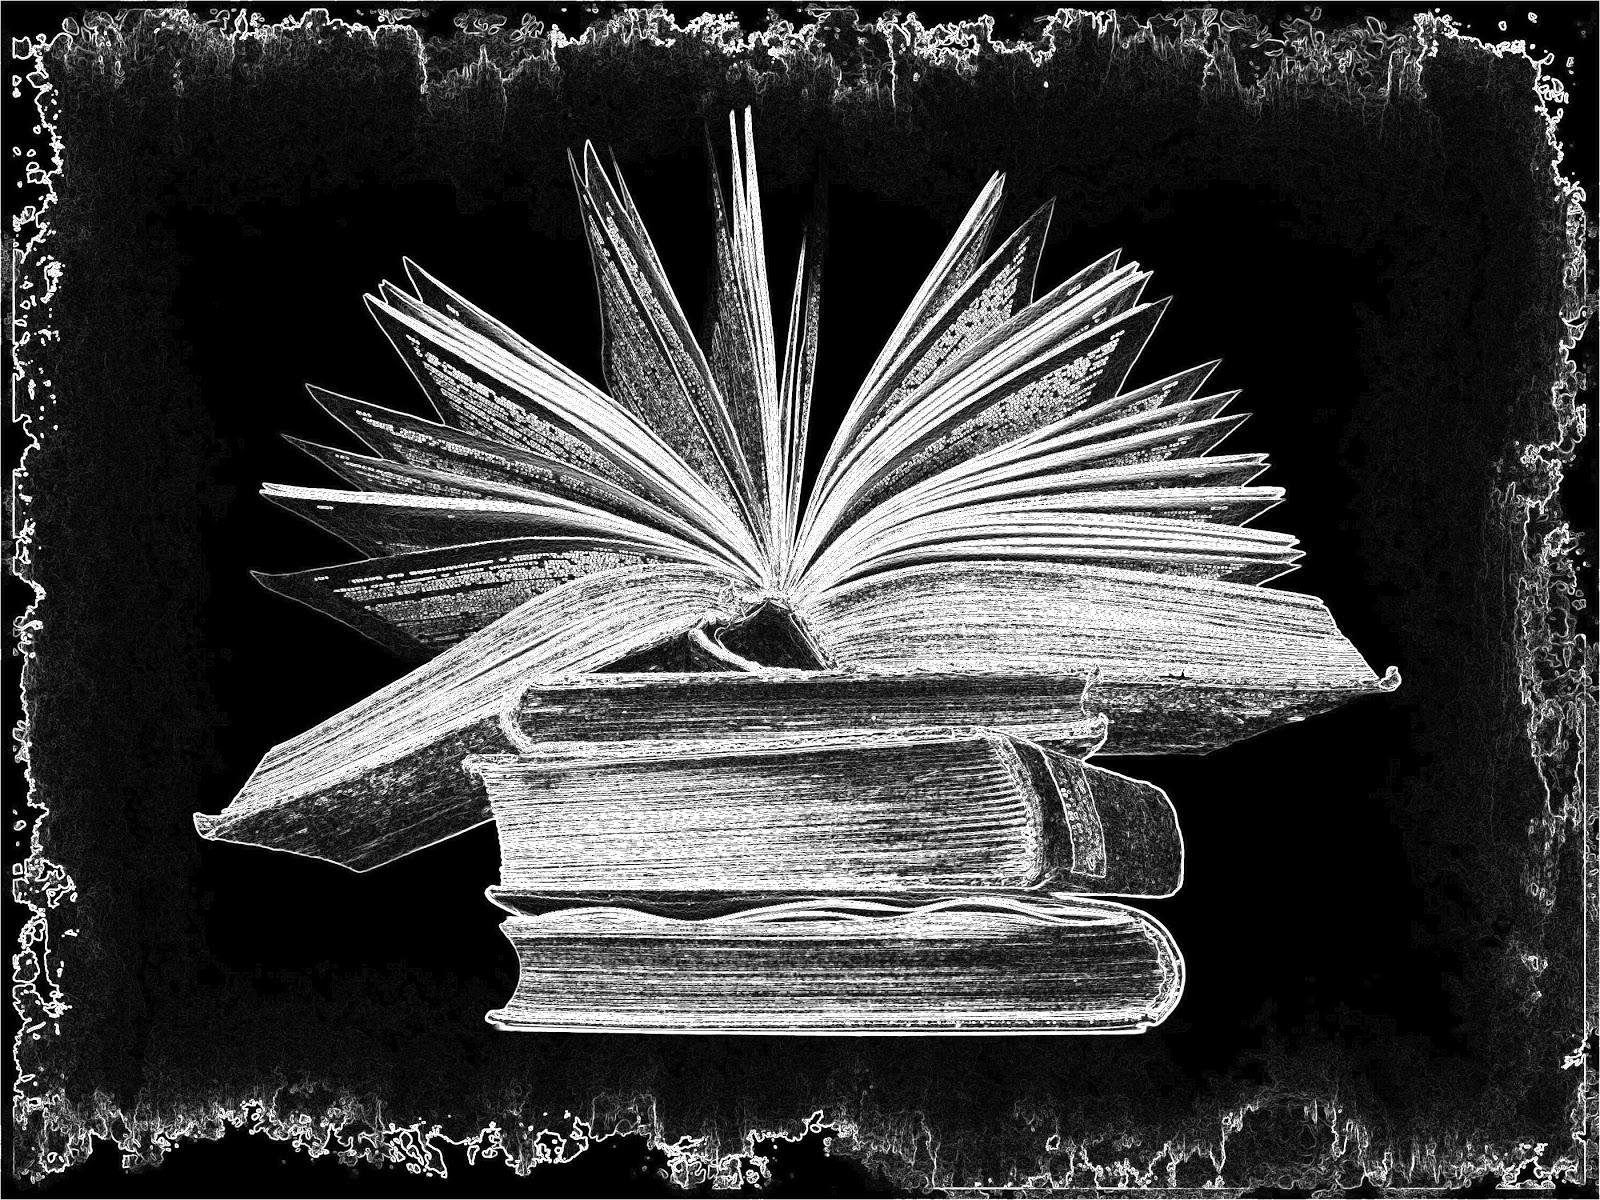 Quicopy 9 libri da leggere prima di morire for Libri da leggere